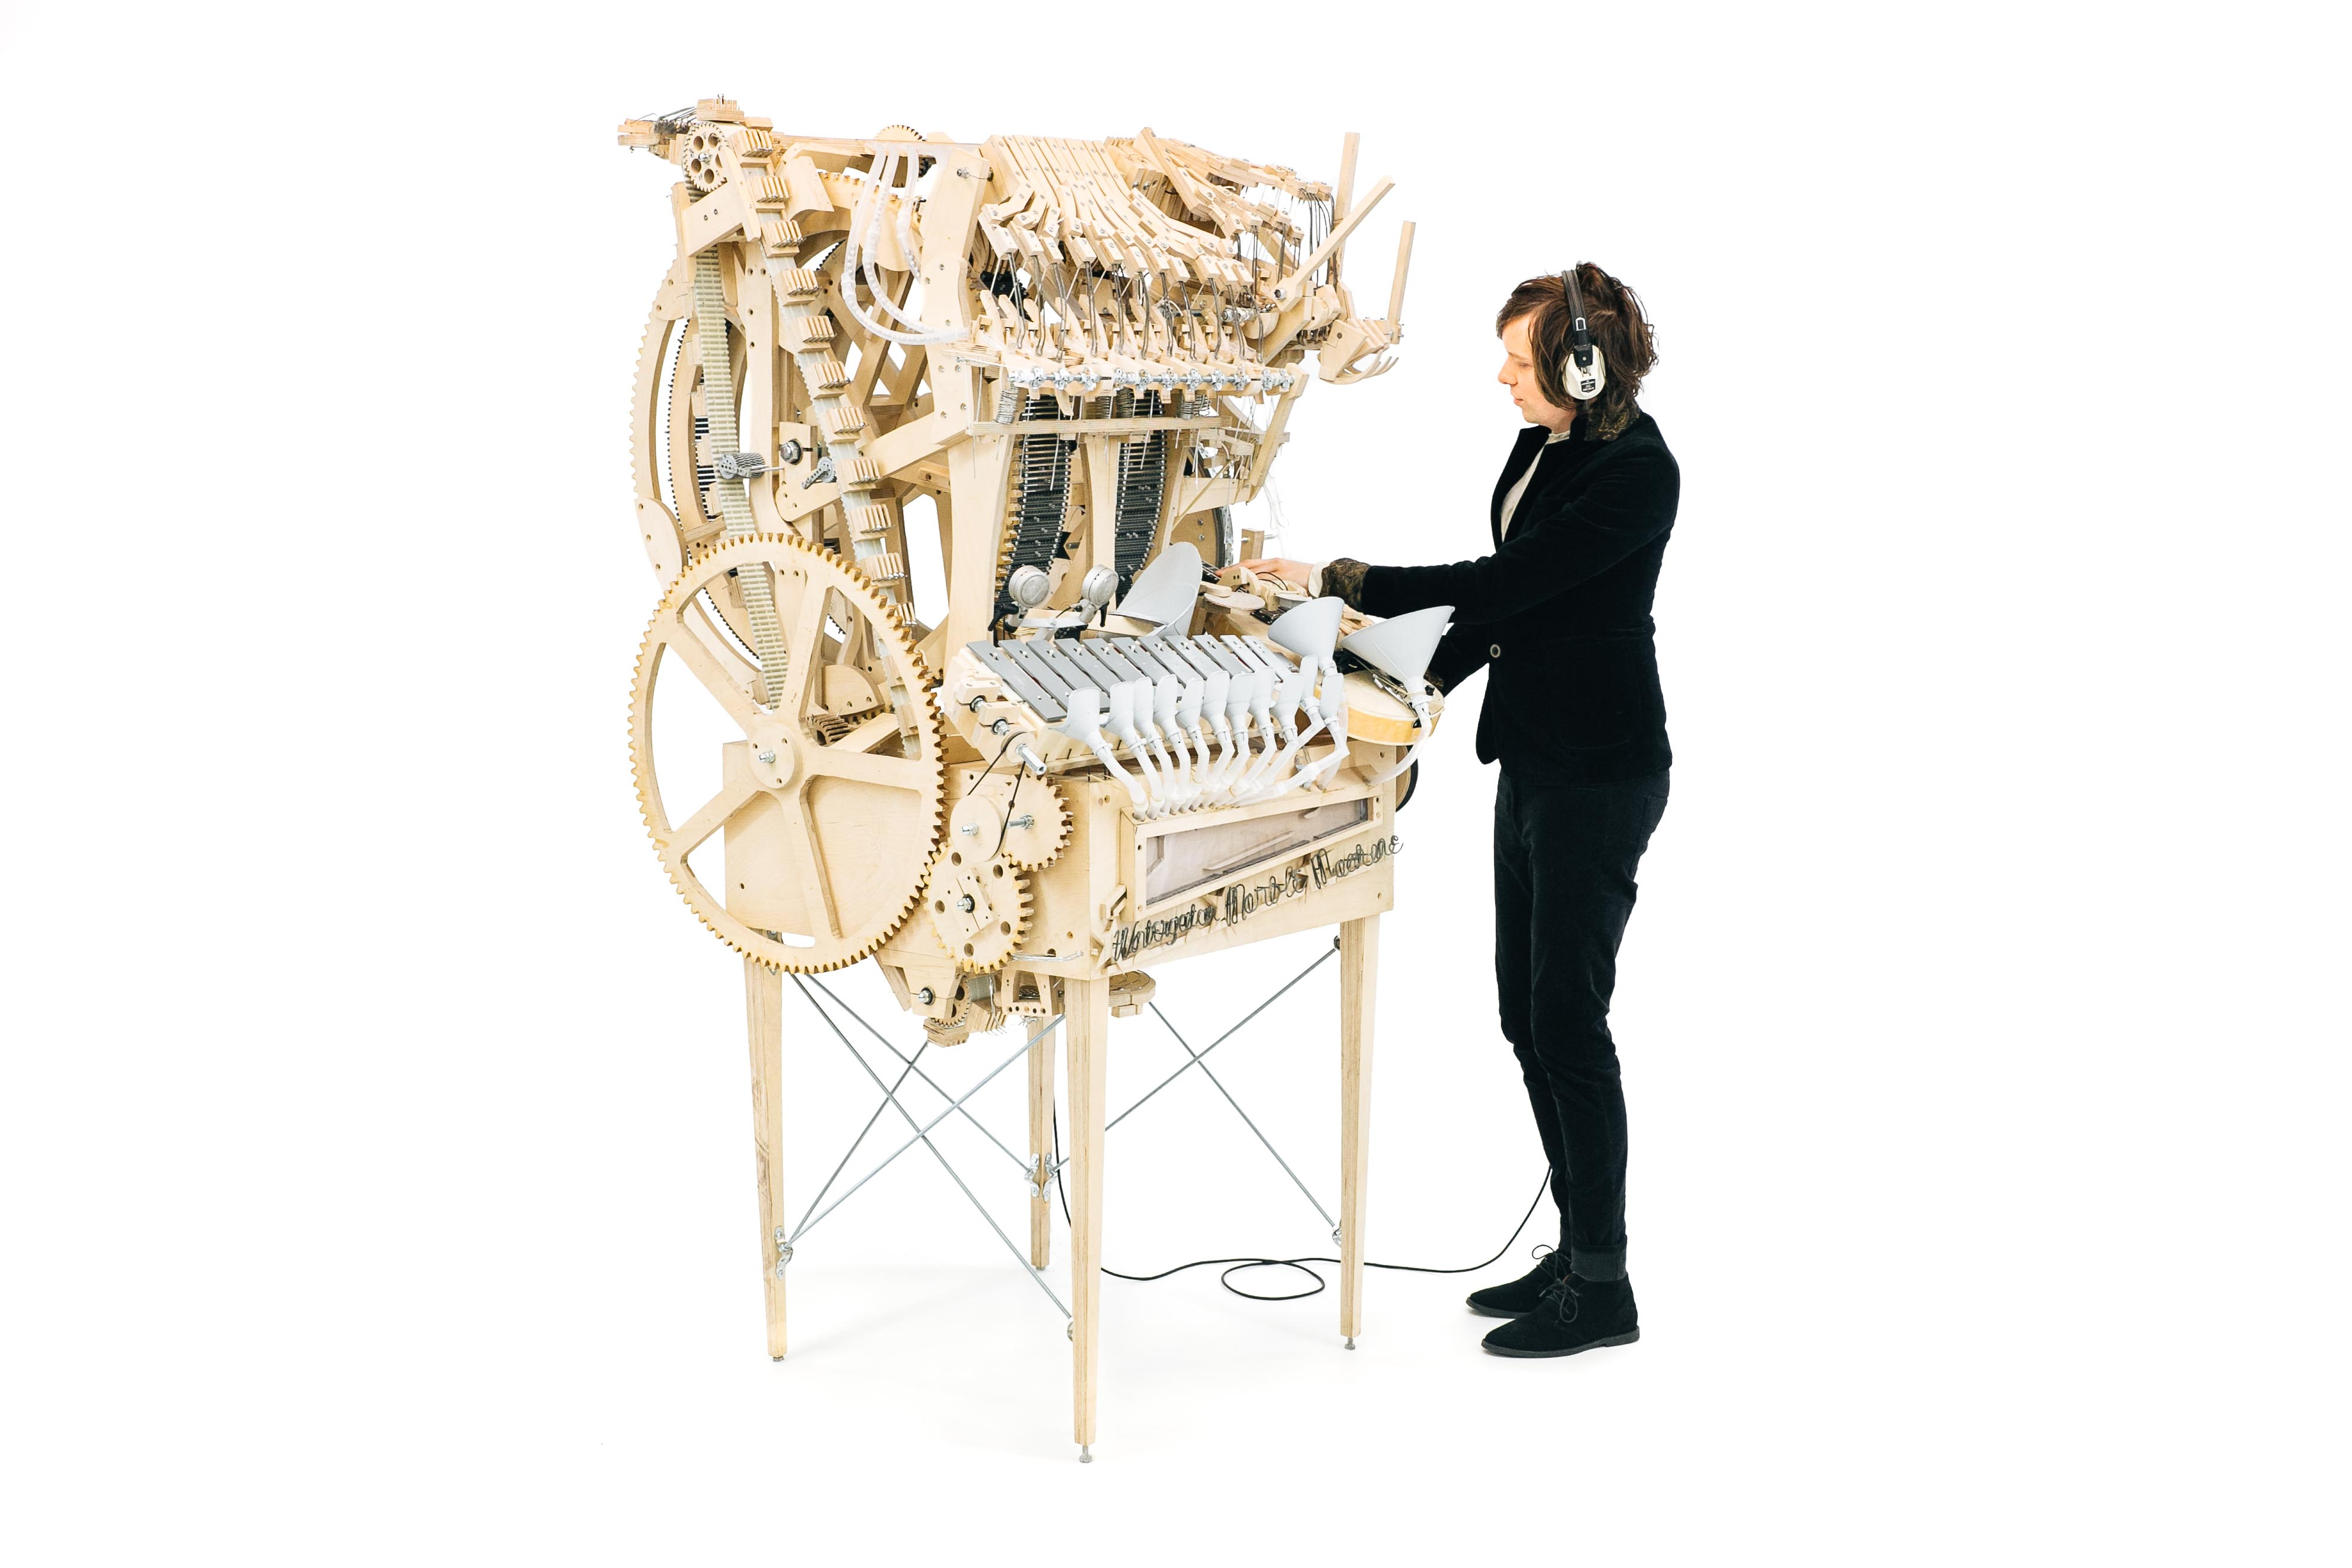 Über 2000 Murmeln wandern durch Martin Molins Maschine.